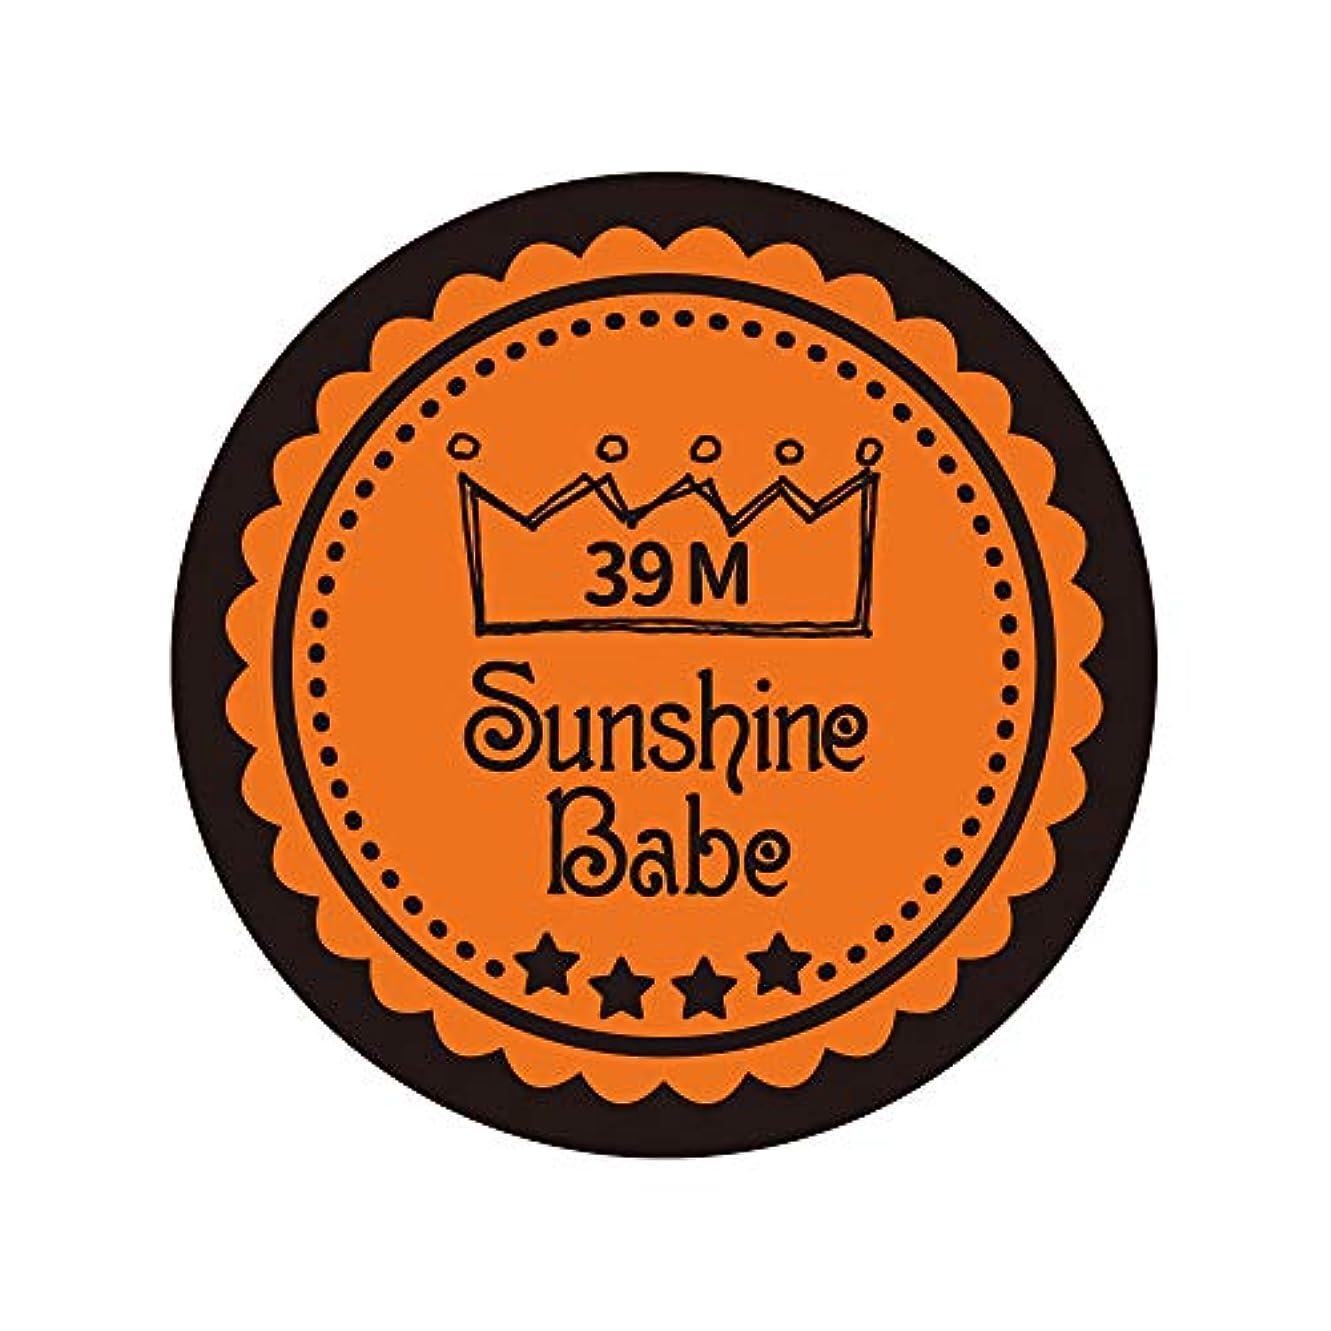 ブランデー登場飛ぶSunshine Babe カラージェル 39M ラセットオレンジ 2.7g UV/LED対応